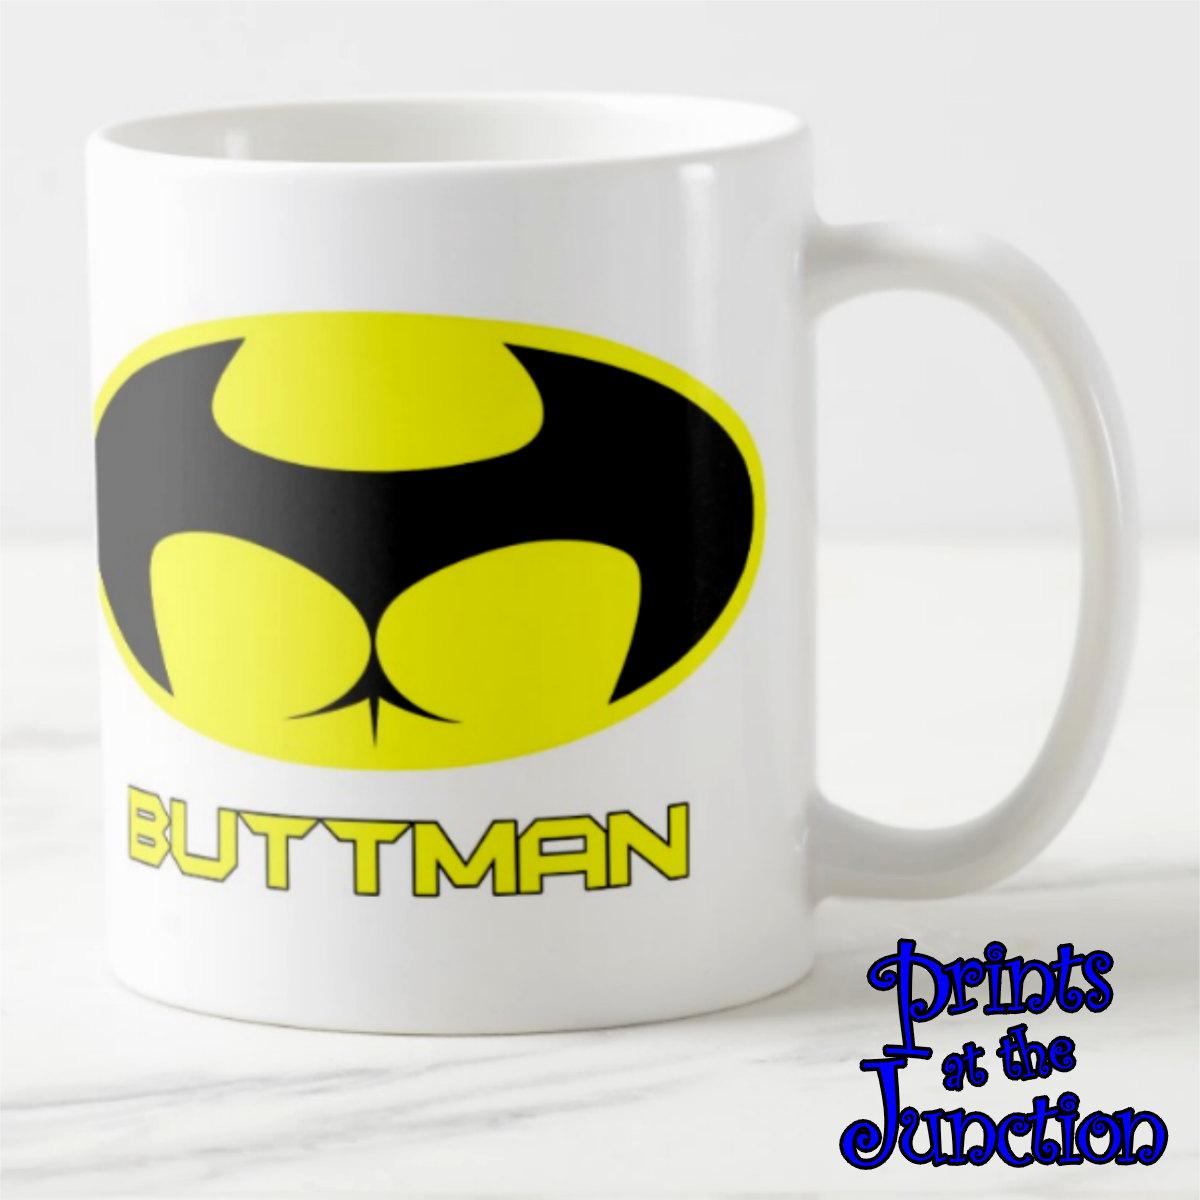 Buttman Vacation funny coffee mug gift/buttman/batman ceramic coffee mug/funny batman coffee  lover mug/superhero coffee mug/gifts for him